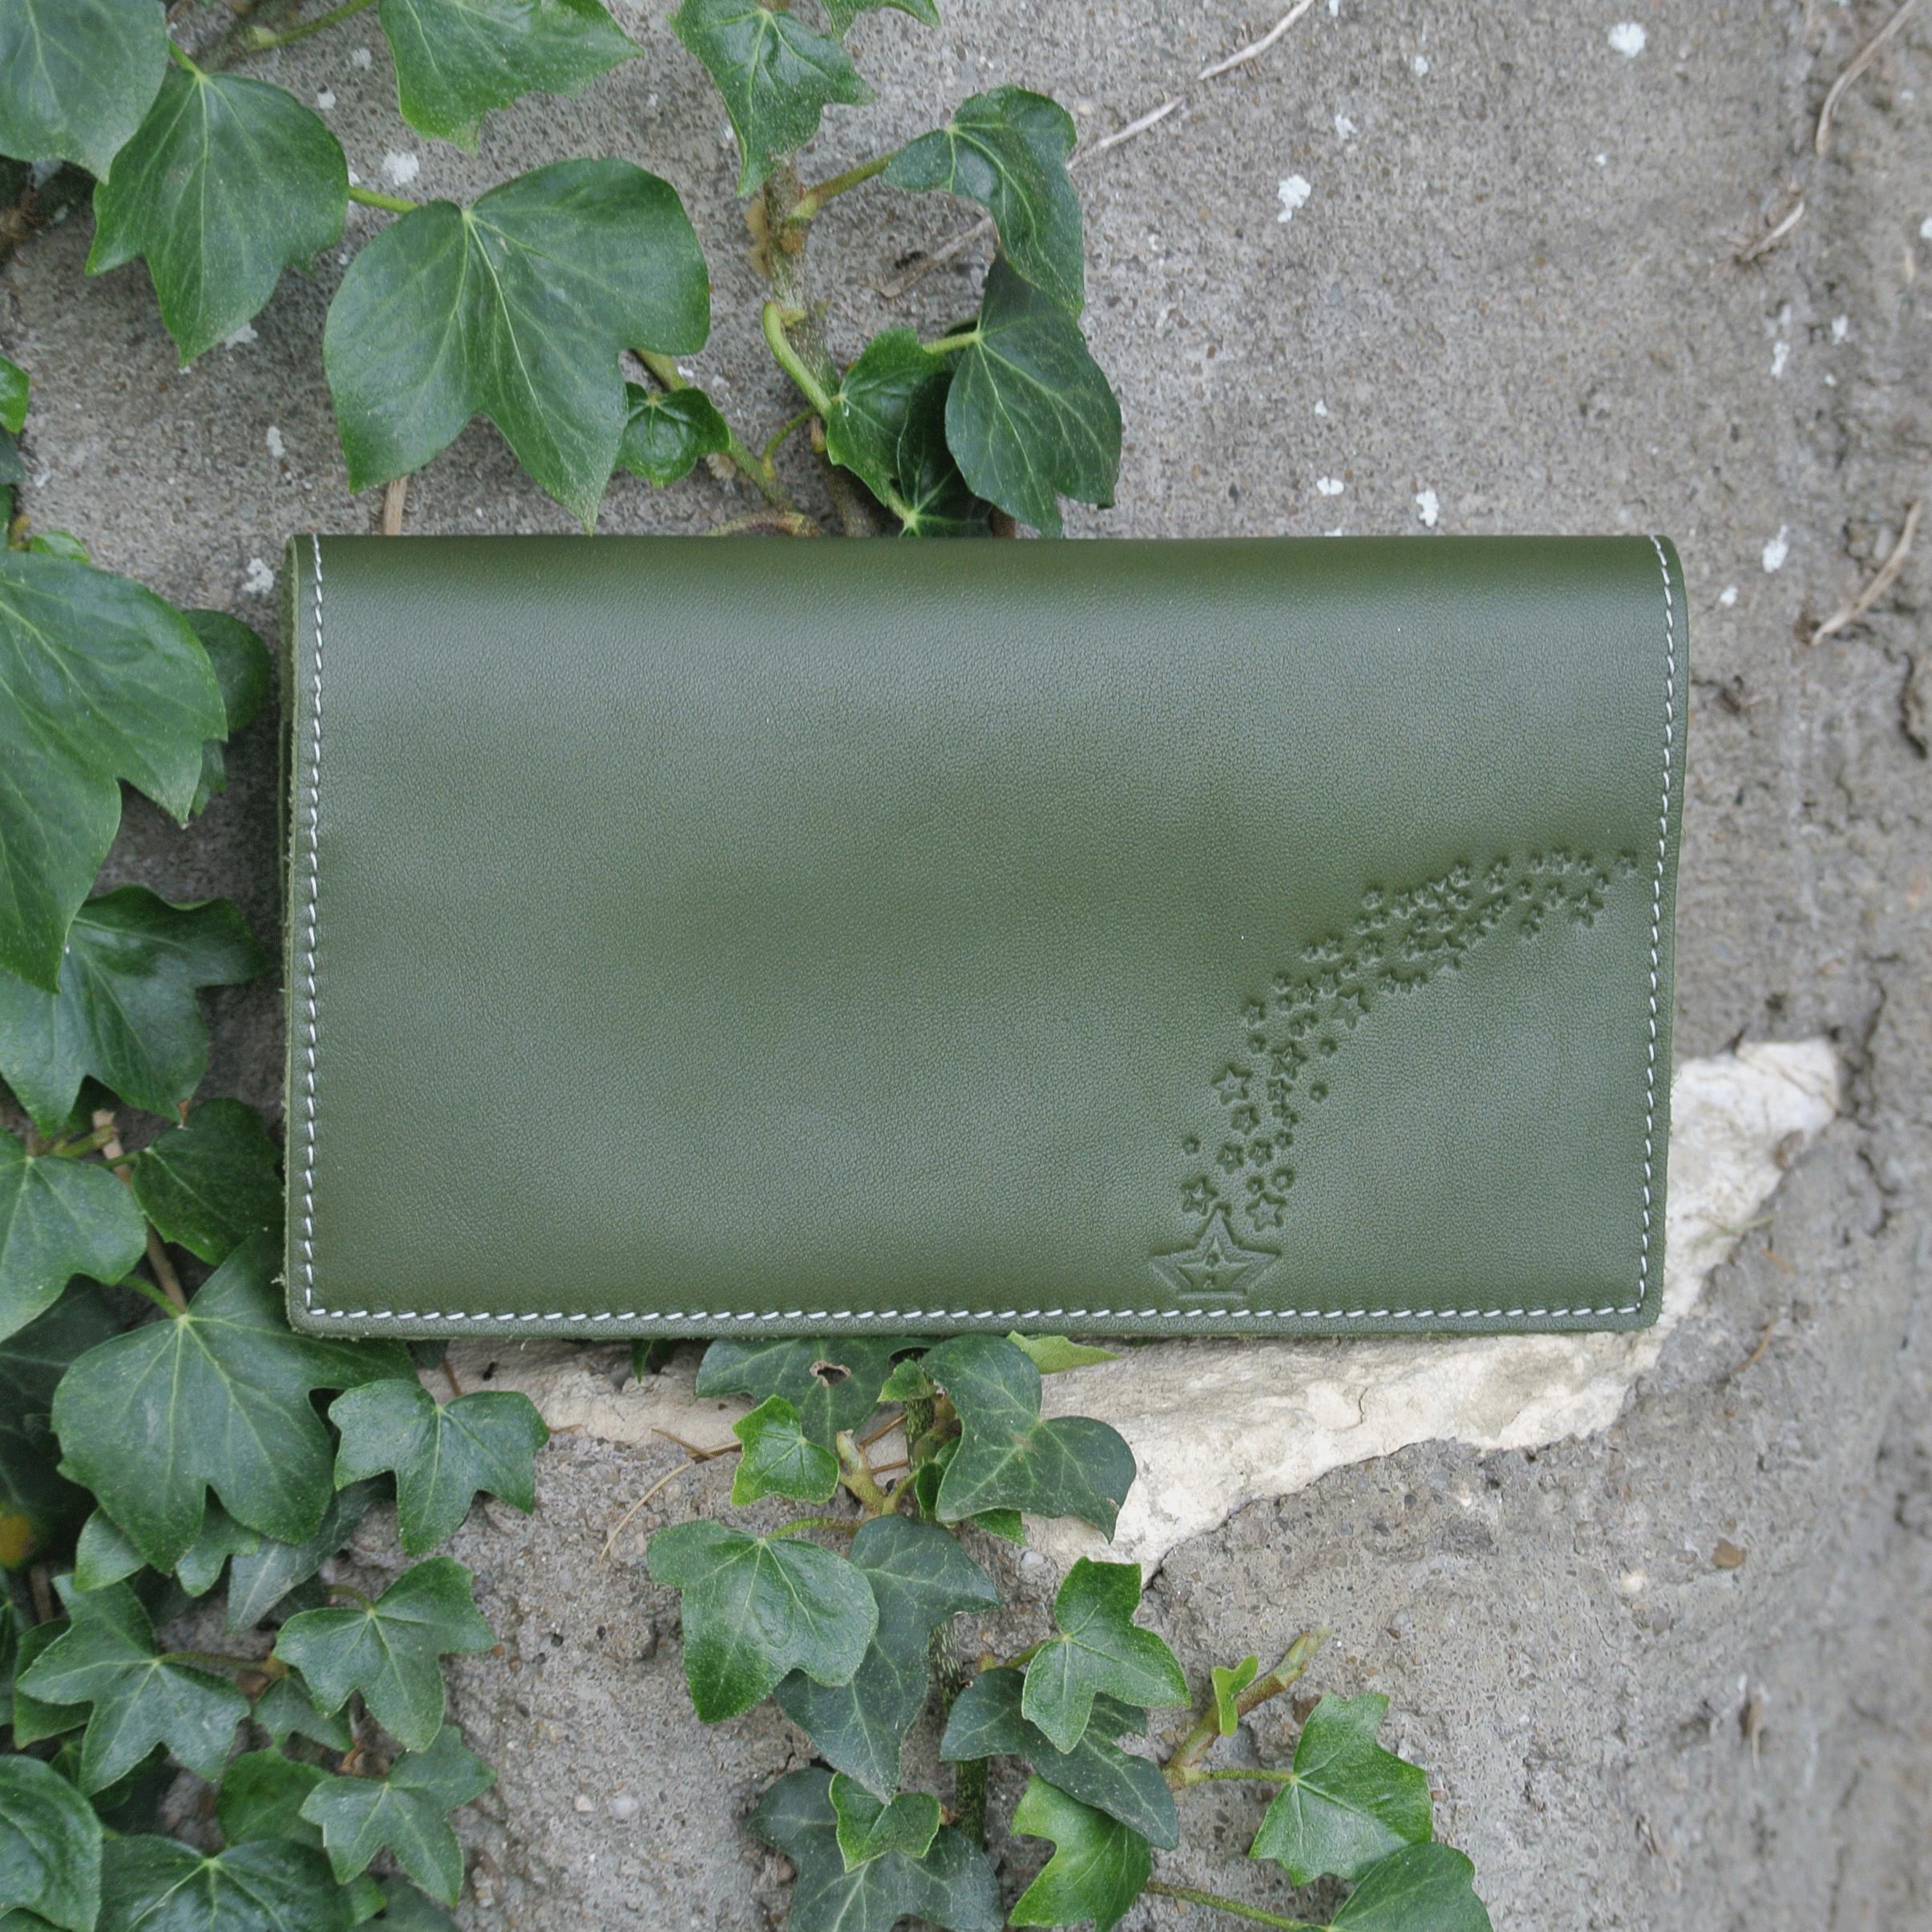 protege-chequier-cuirs-fantaisies-cuir-paillete-cuir-retro-cuir-nappa-cuir-graine-la-cartabliere-fabirque-en-france-vert